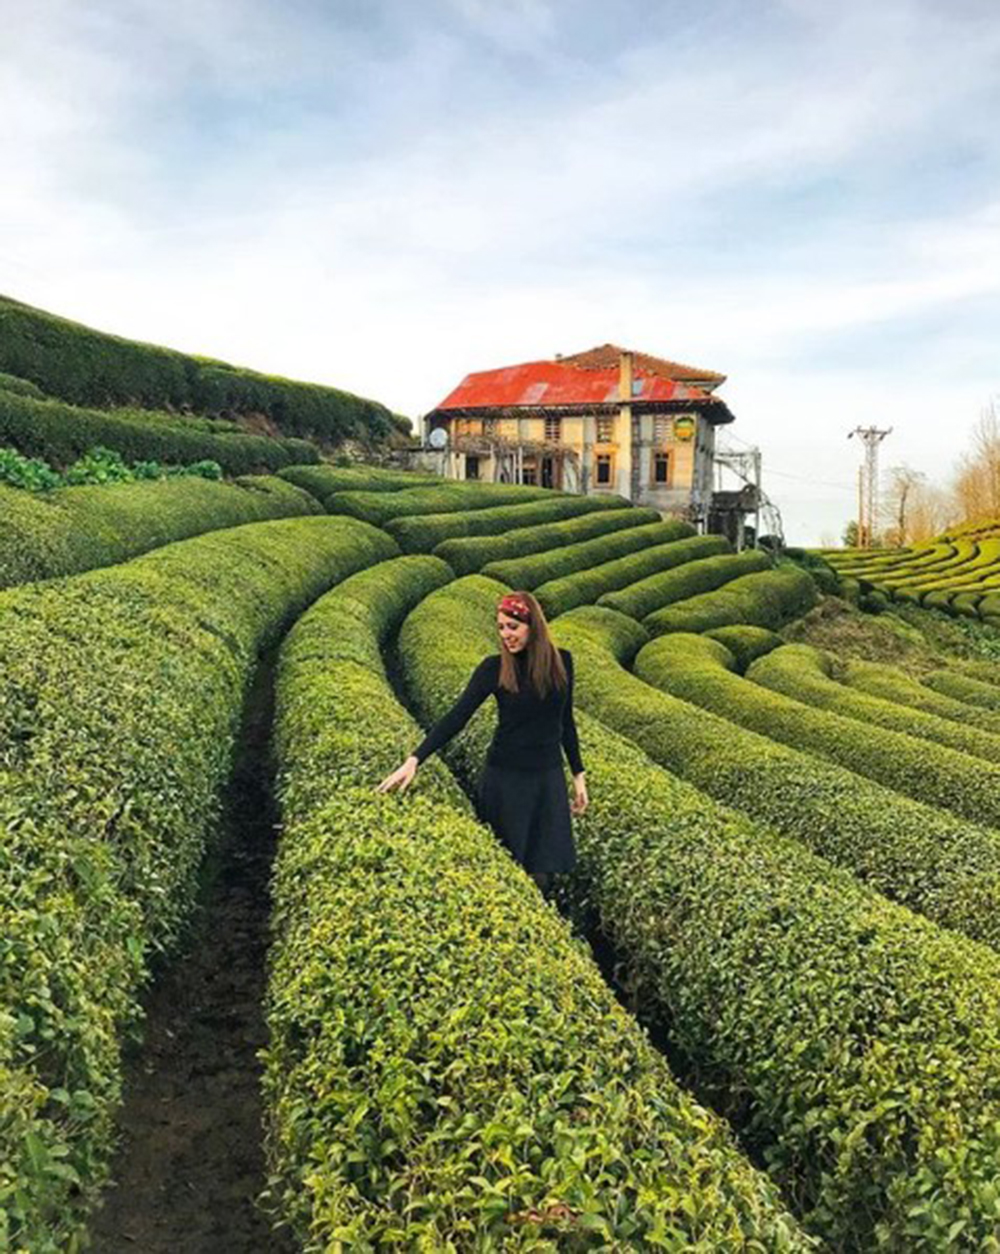 Çay hasadına formül aranıyor